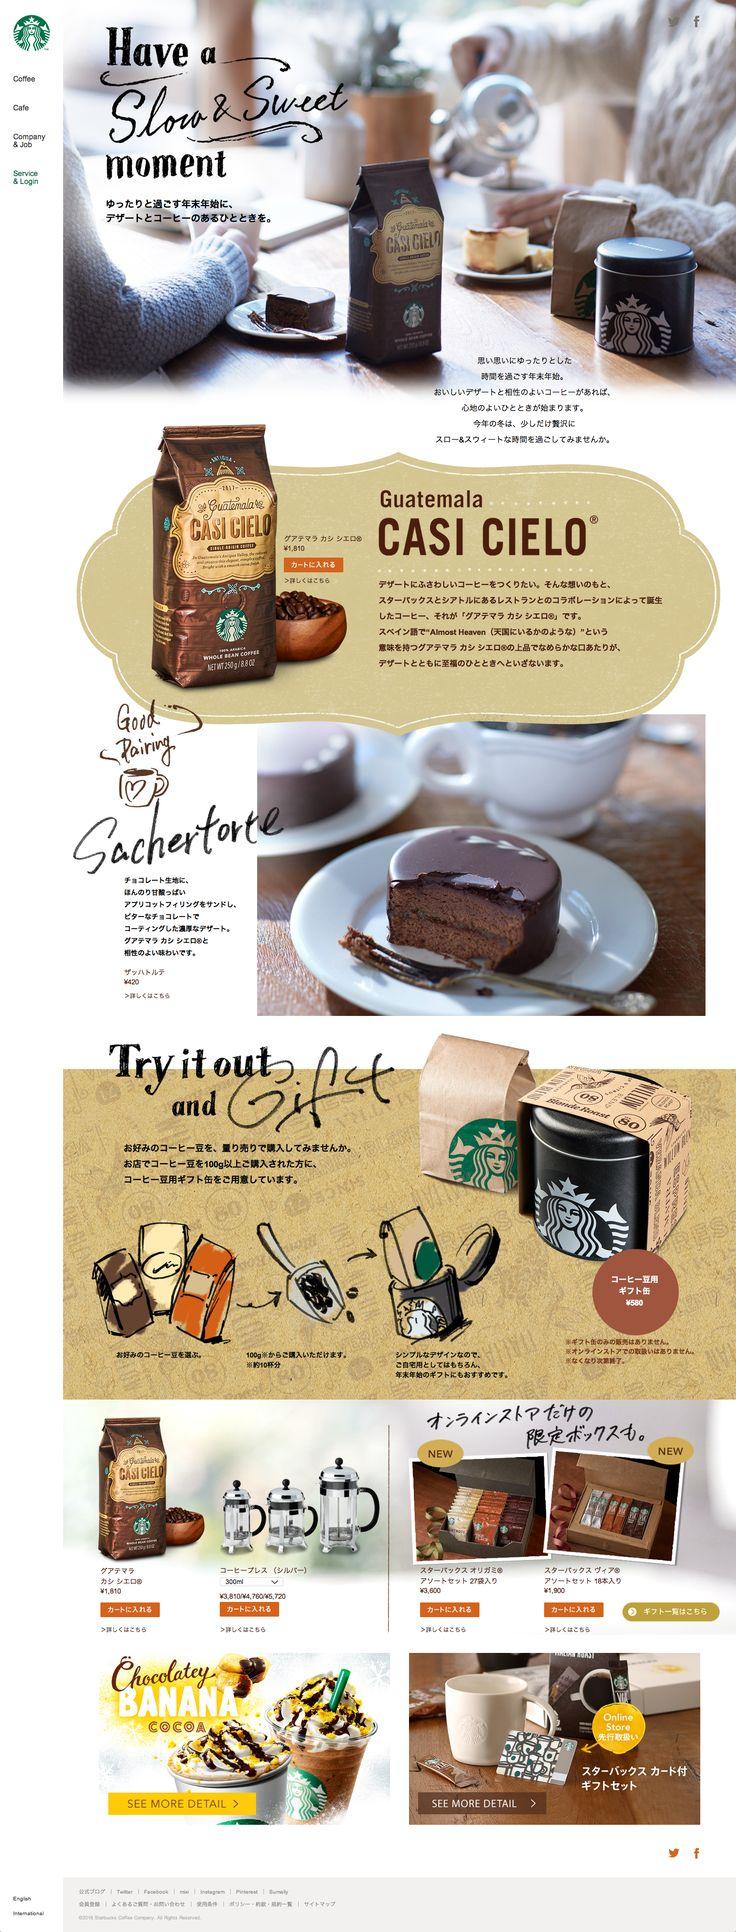 [季節のコーヒー] グアテマラ カシ シエロ®|スターバックス コーヒー ジャパン